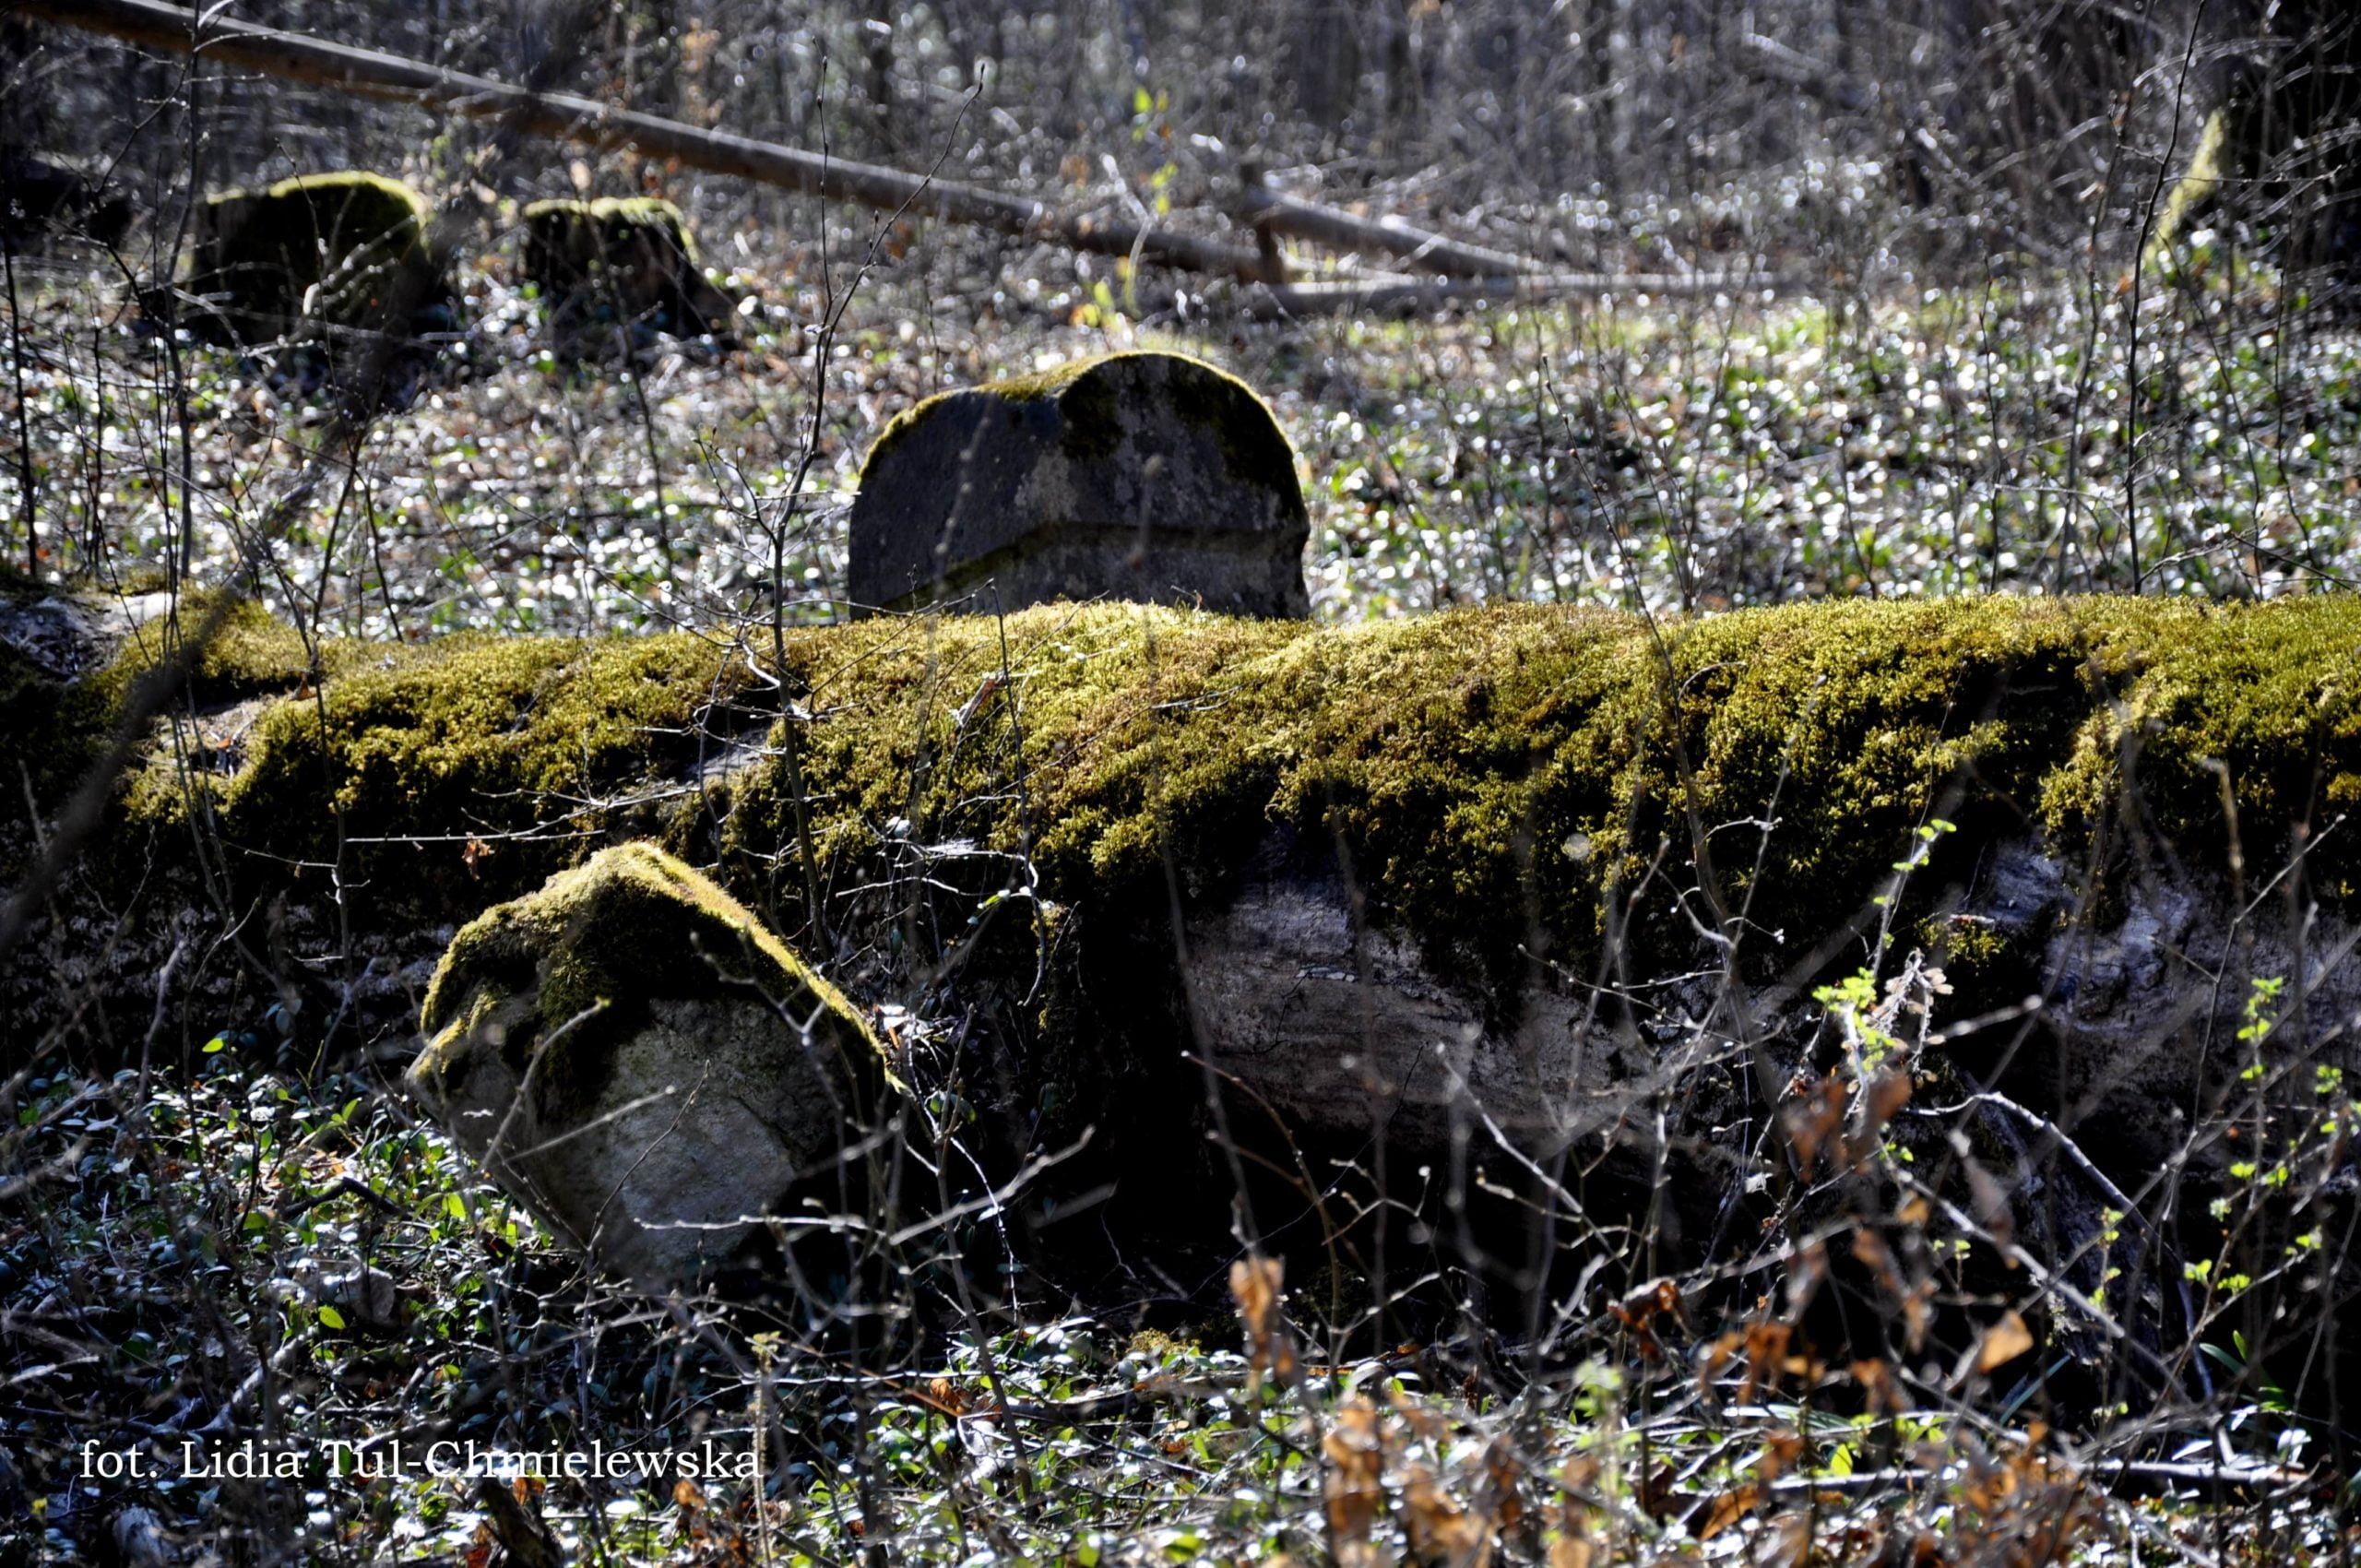 Cmentarz przycerkiewny Horodek fot. Lidia Tul-Chmielewska-